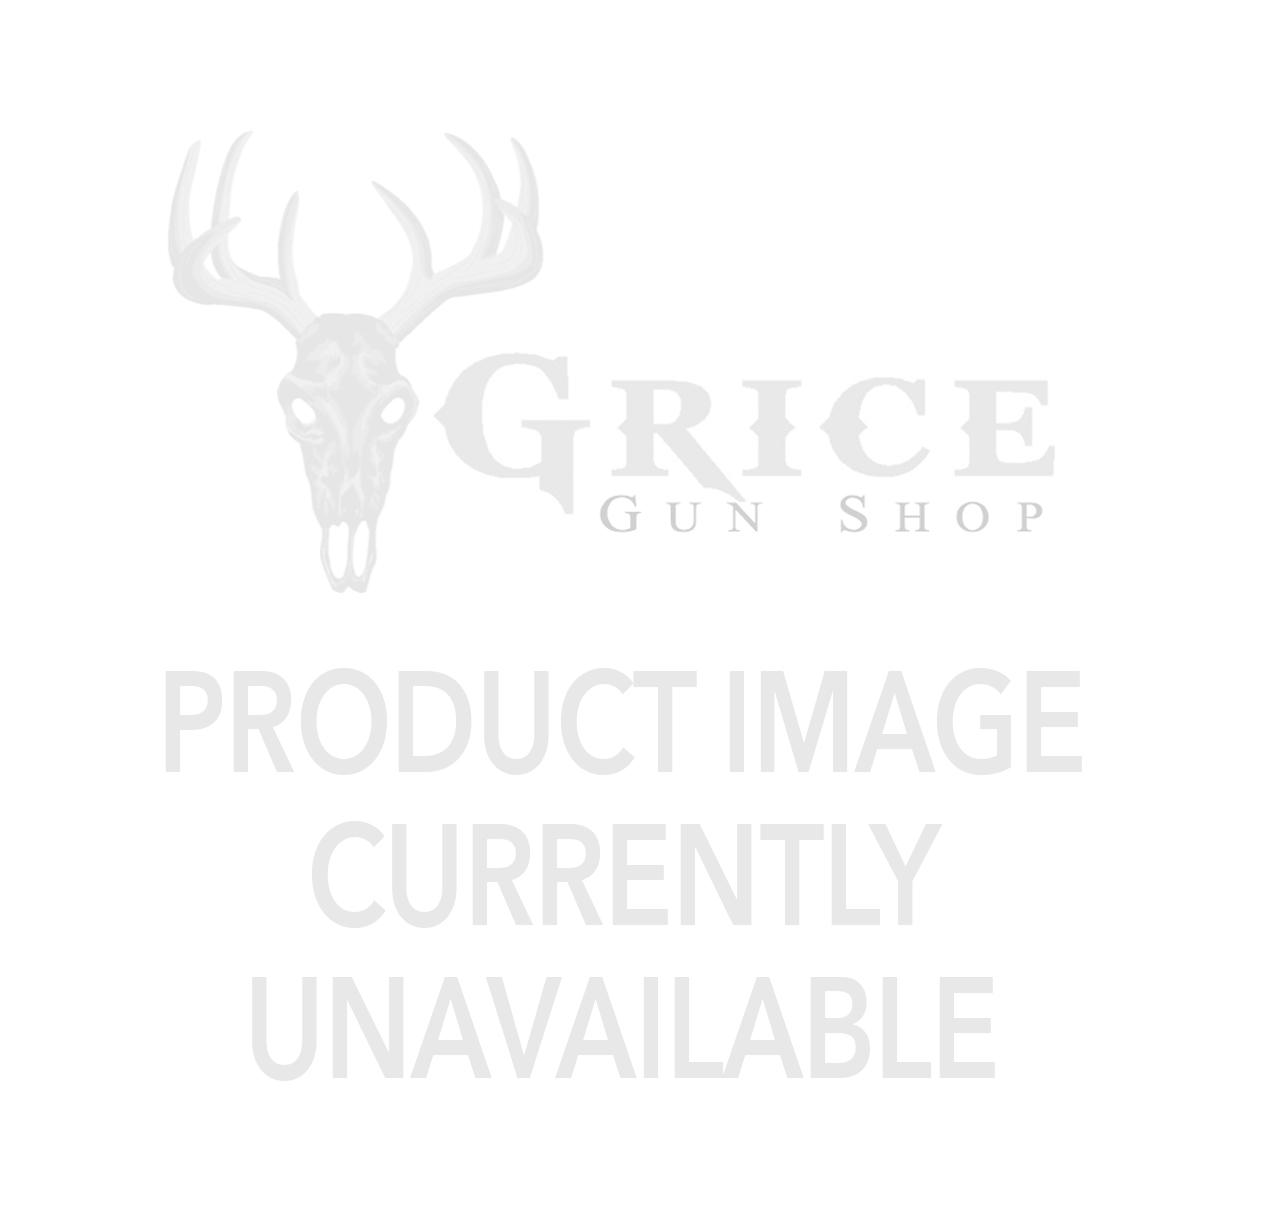 MILLET 2 Piece Base - Steel Angle Lock Rem 700 Matte